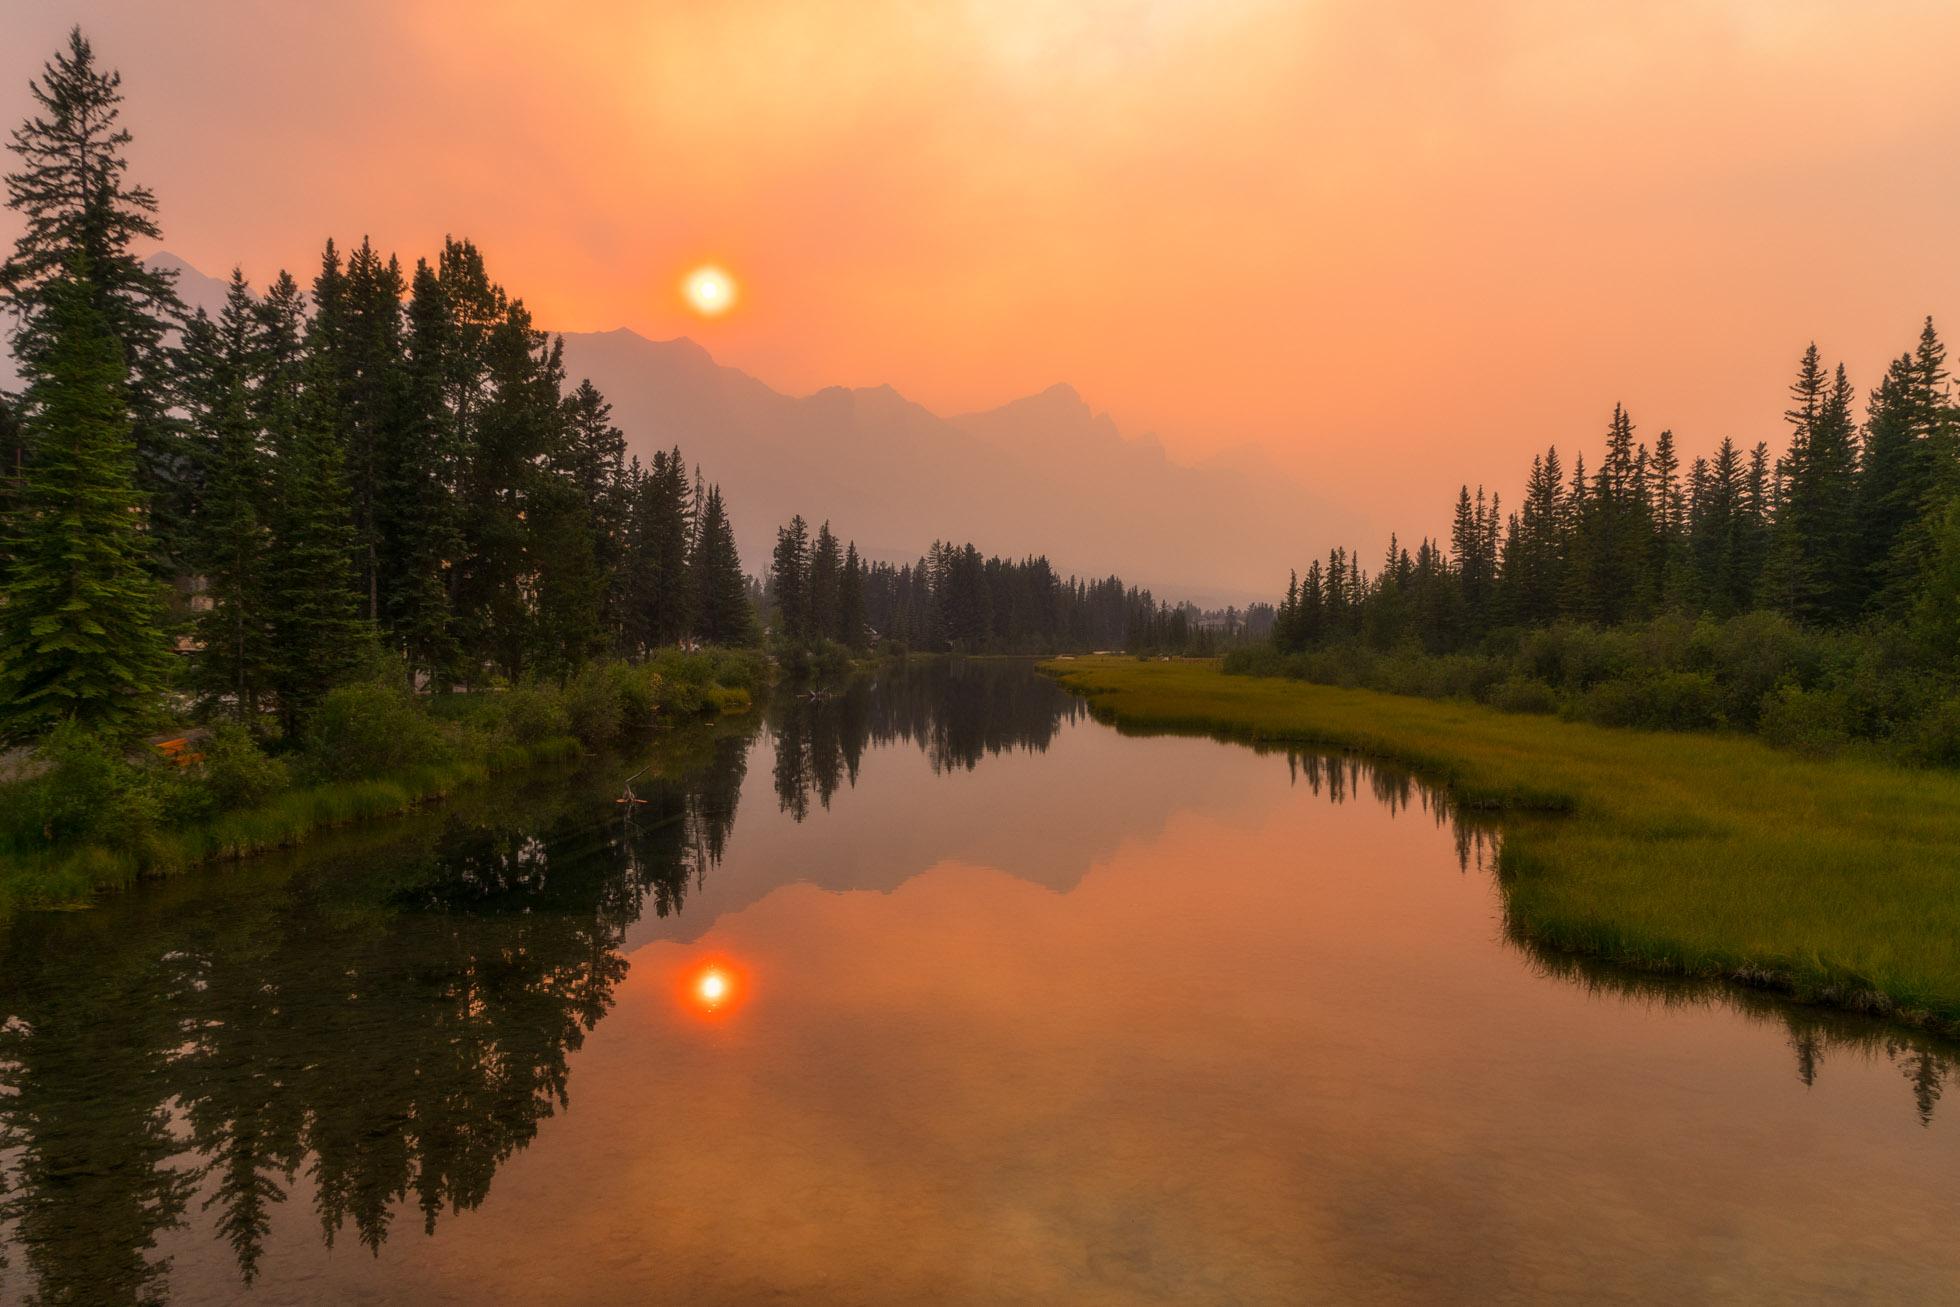 Spring Creek during a smokey sunset